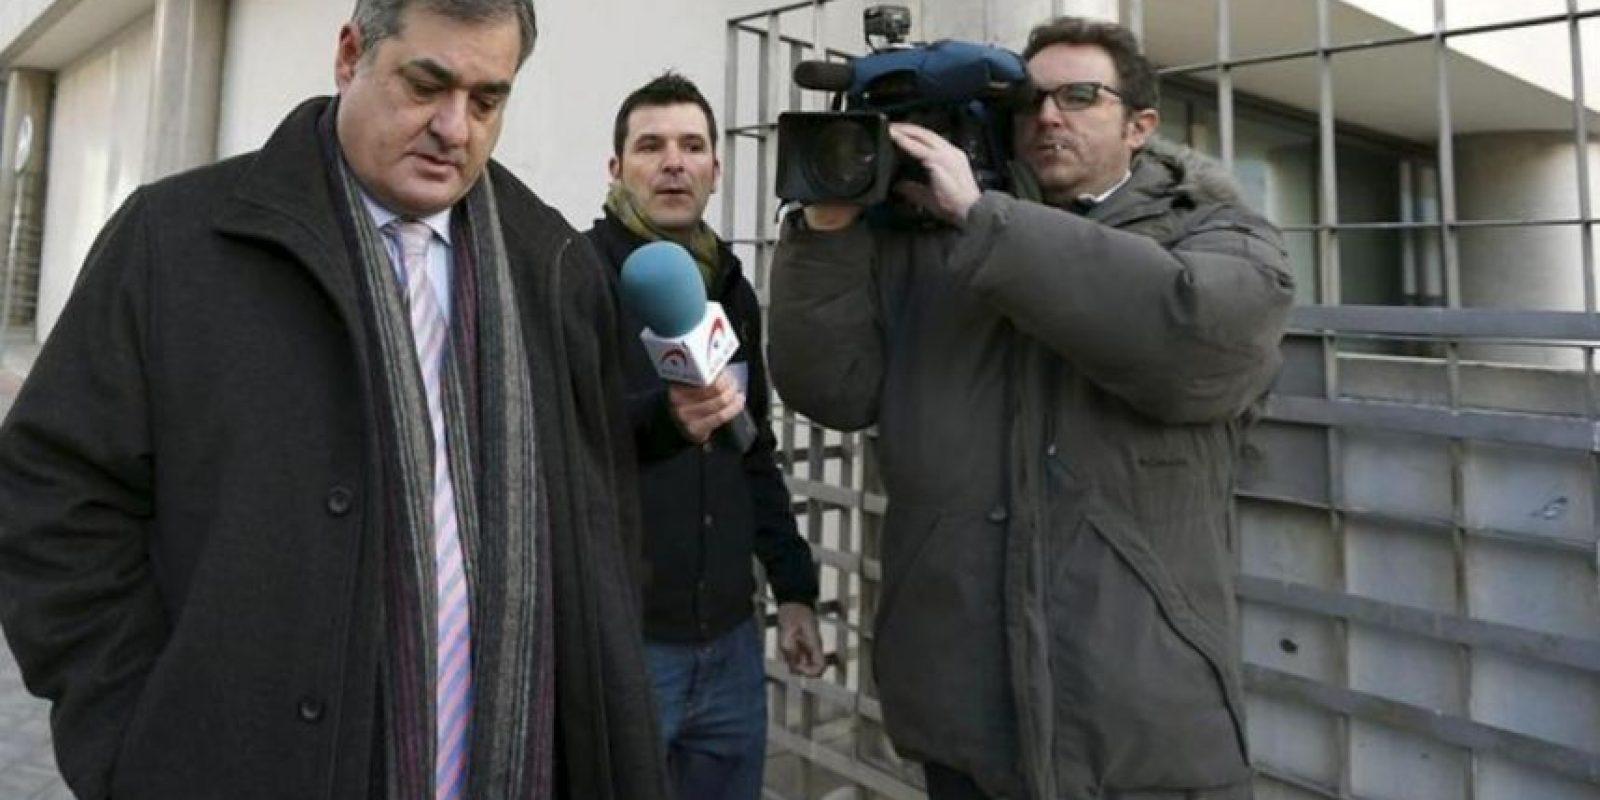 El exdirector del Liberty Manuel Saiz (i), a su llegada hoy al Juzgado de lo Penal nº 21 de Madrid para declarar como acusado en el juicio por la Operación Puerto contra el dopaje en el deporte. EFE